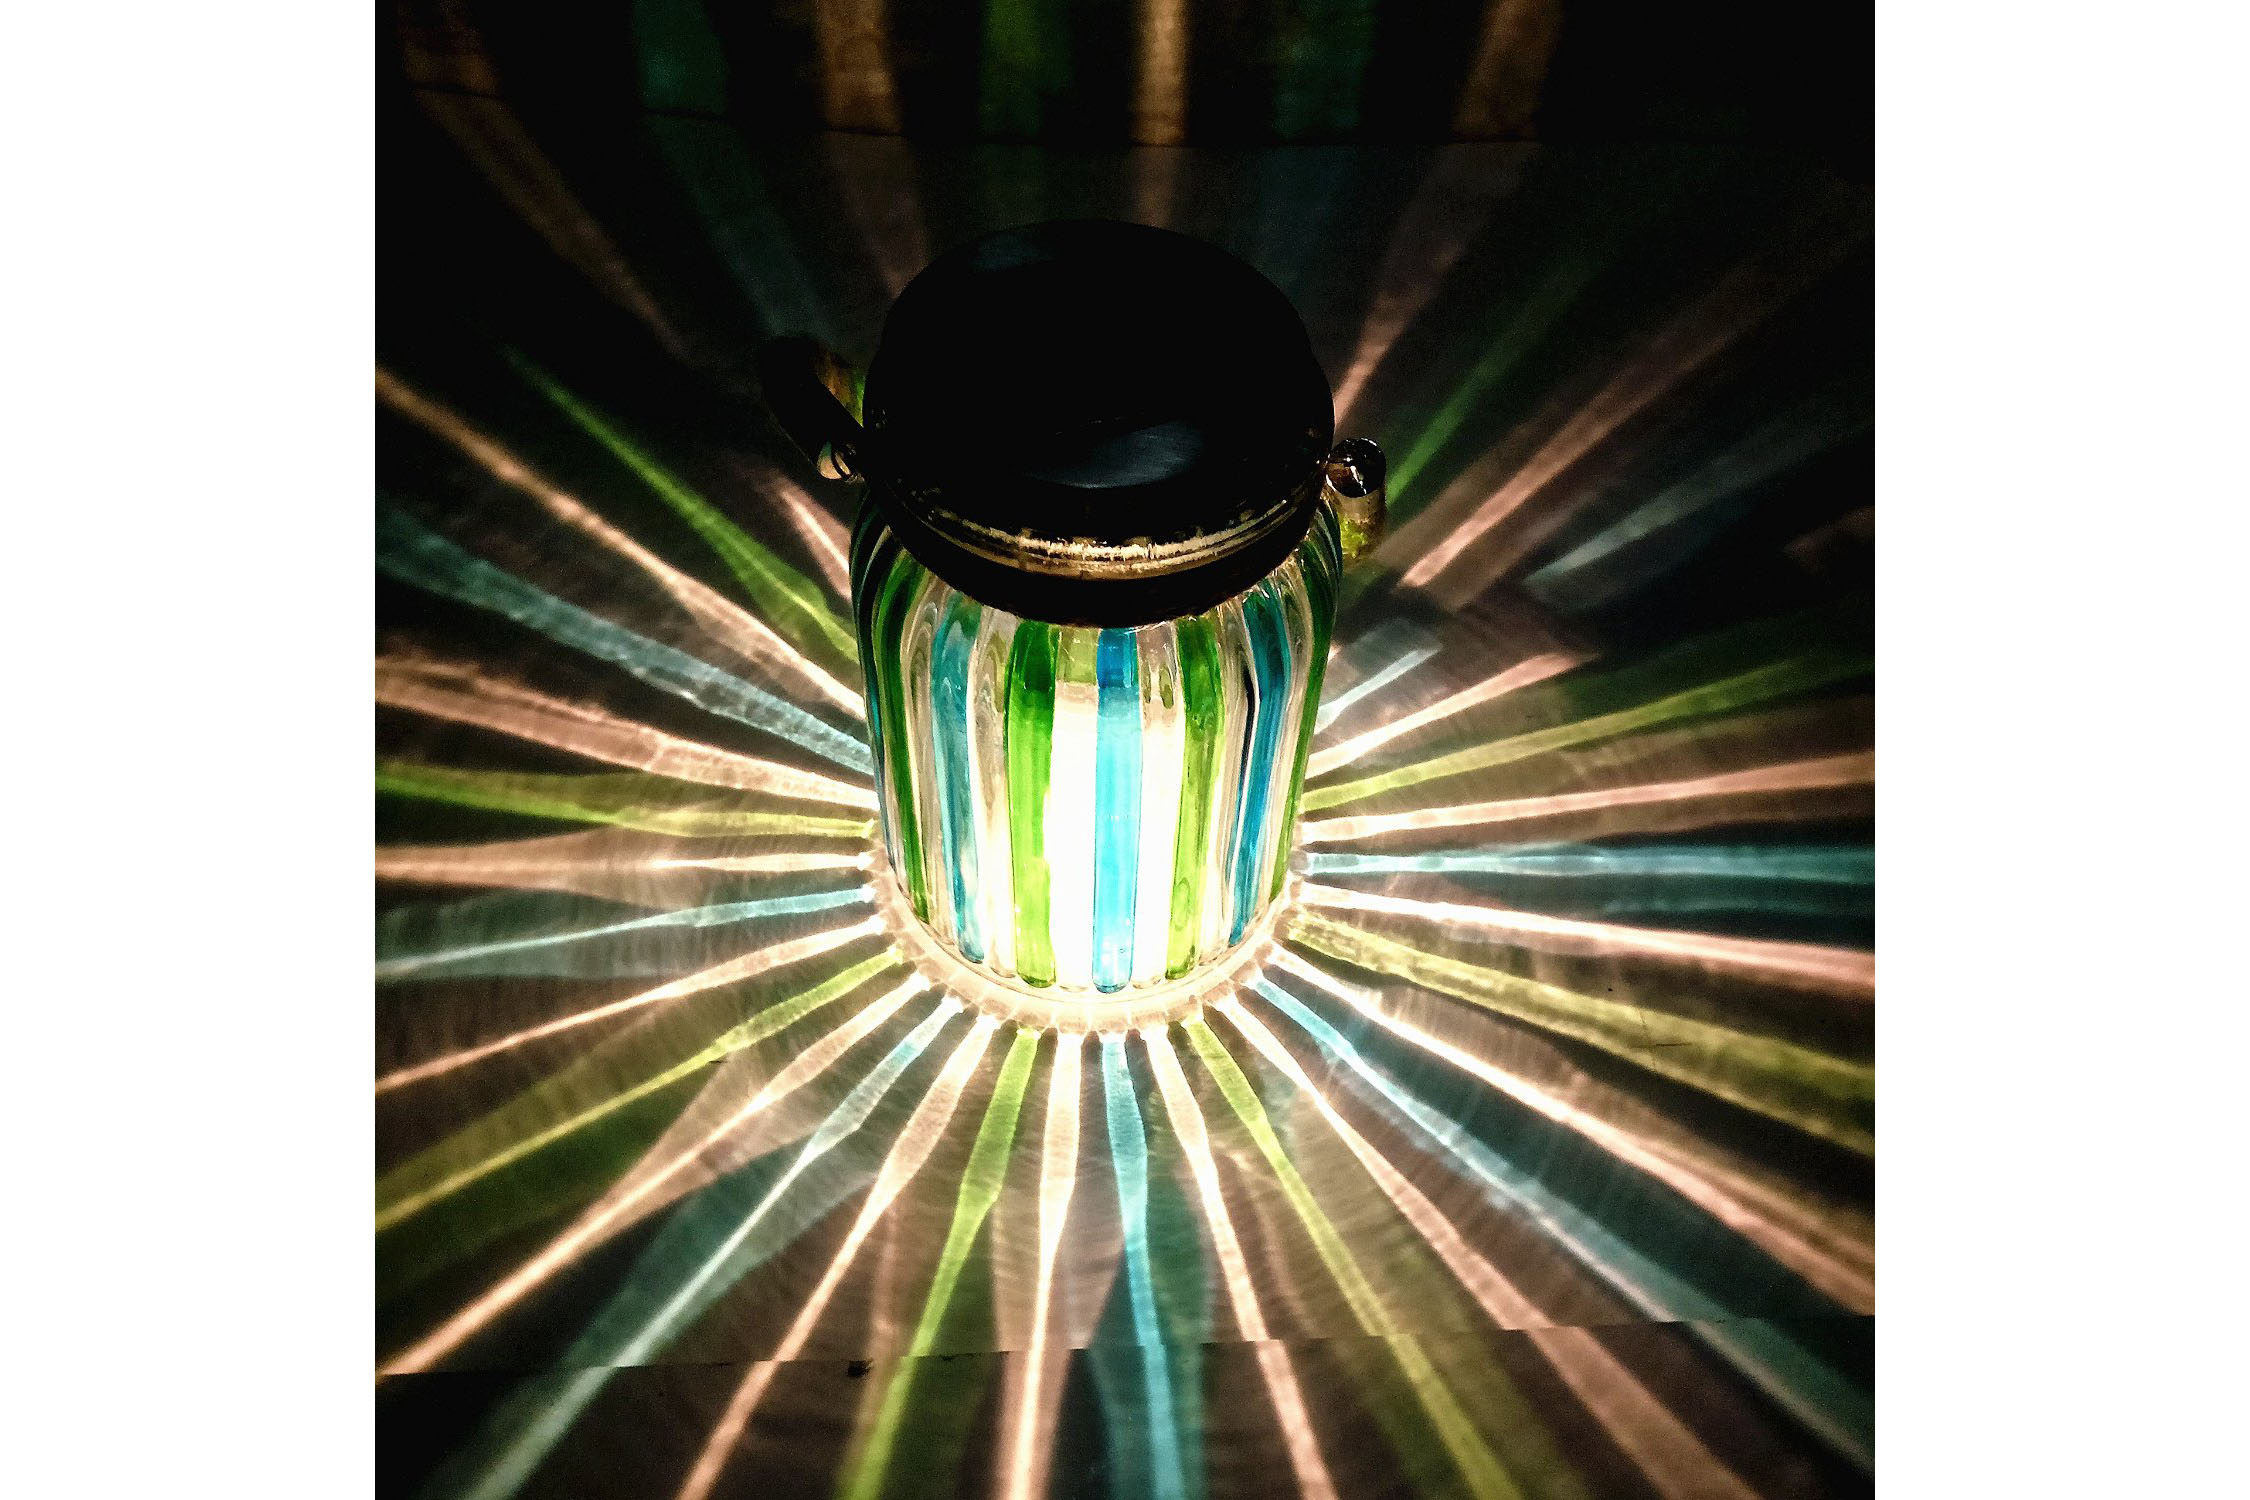 Solar Lantern - 5 stars - $17 (Prime)